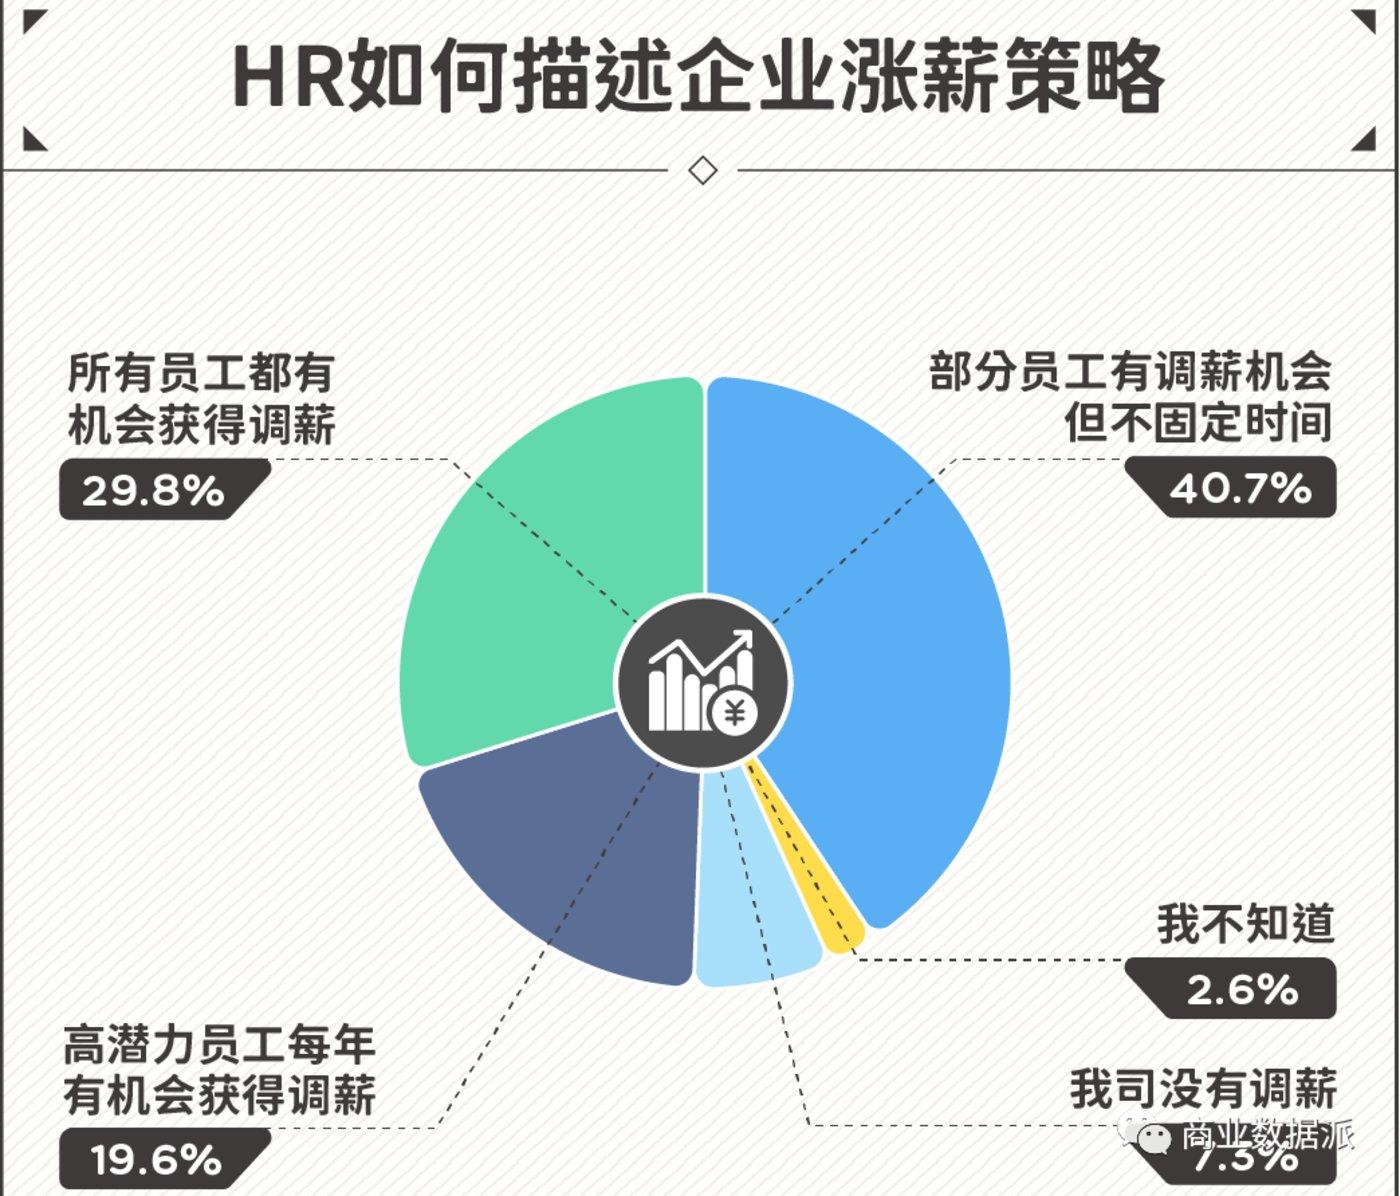 (数据来源:《2020中国HR生存发展现状白皮书》)